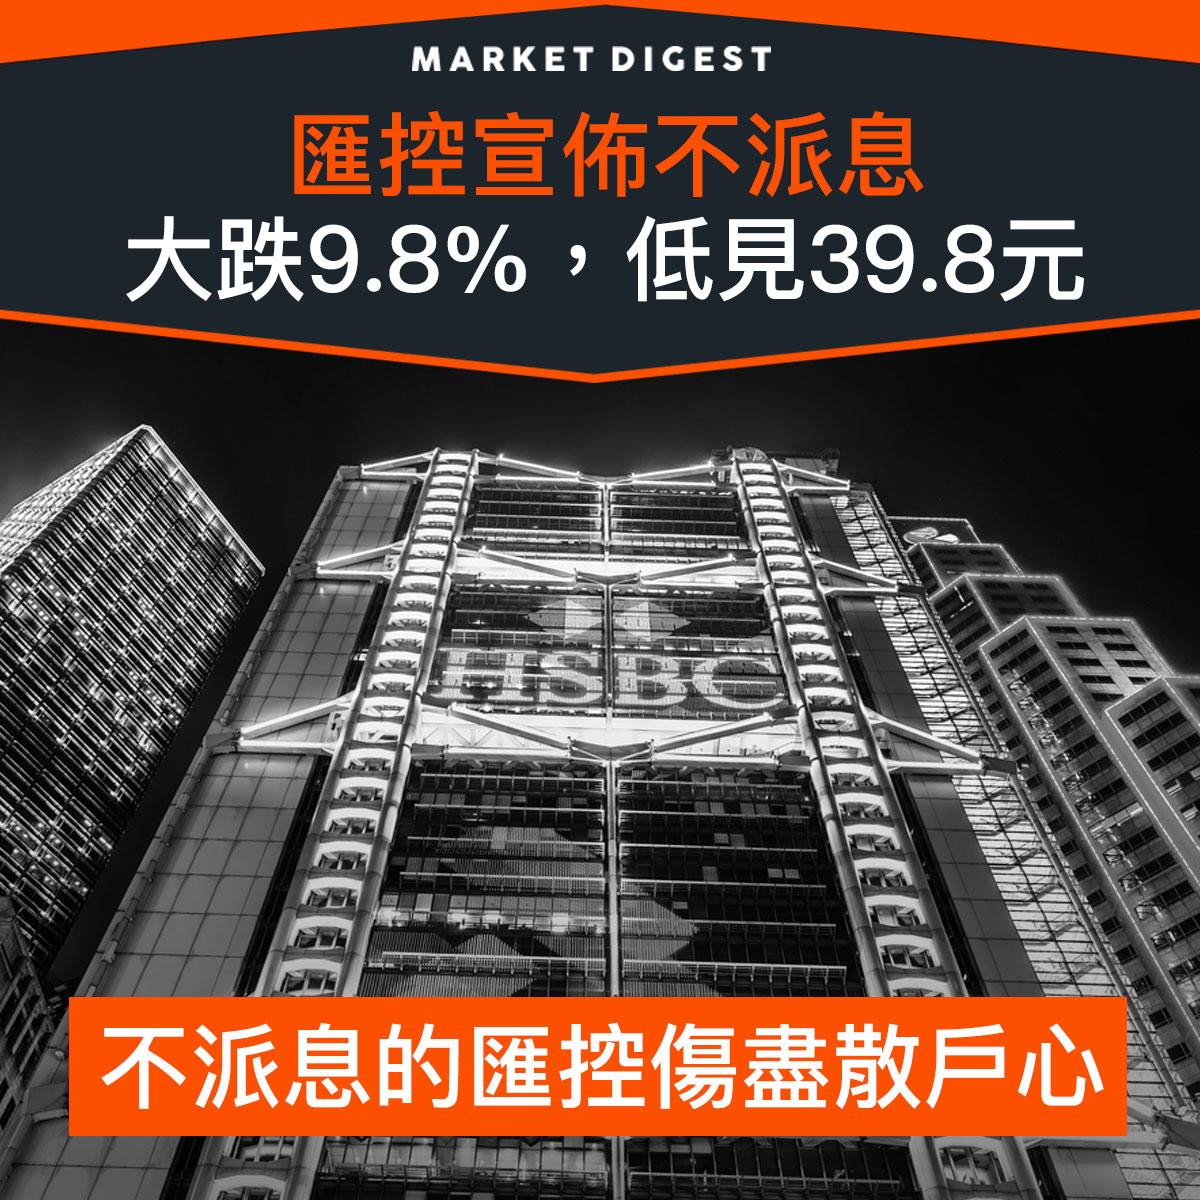 【市場熱話】匯控宣佈不派息,大跌9.8%